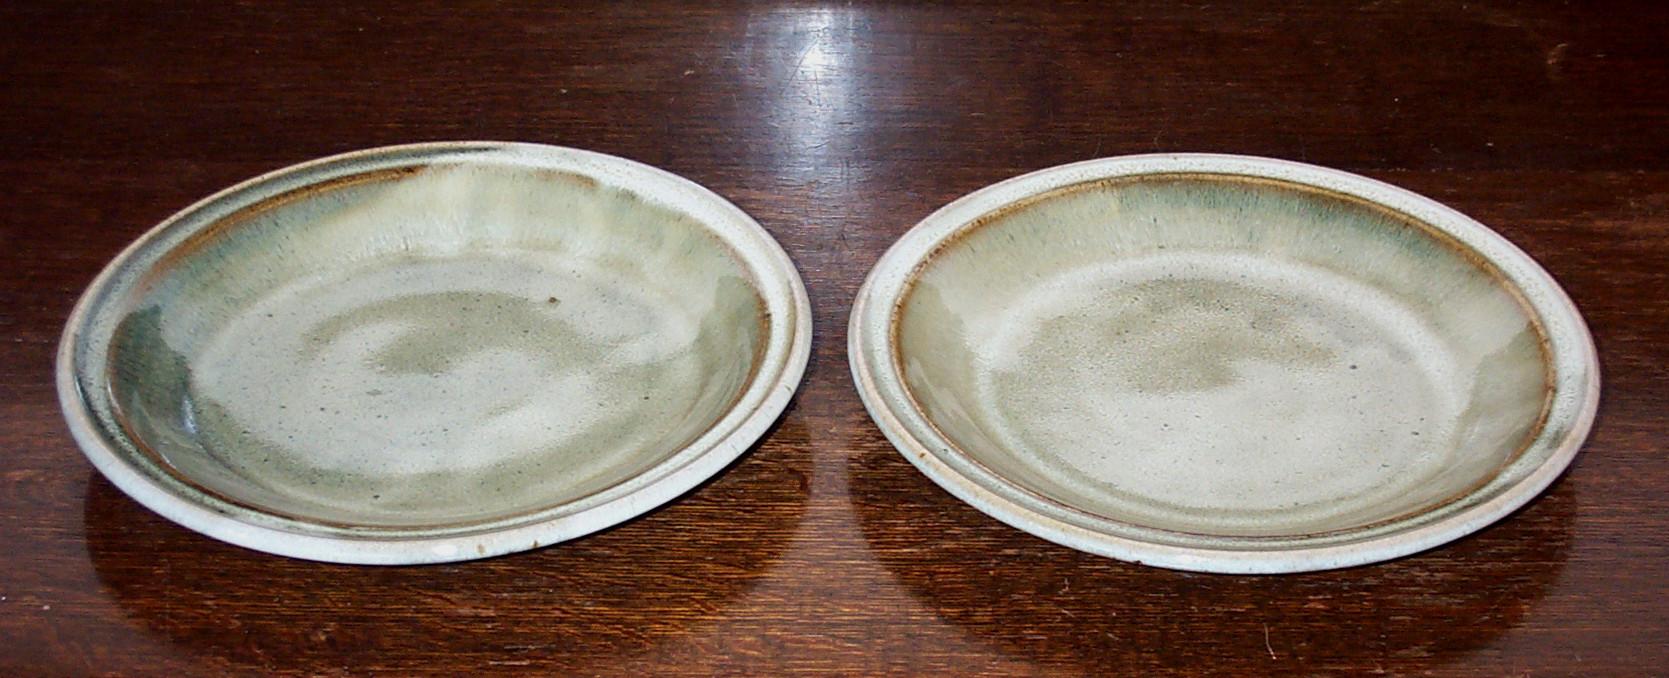 111-113  dinner plates.jpg